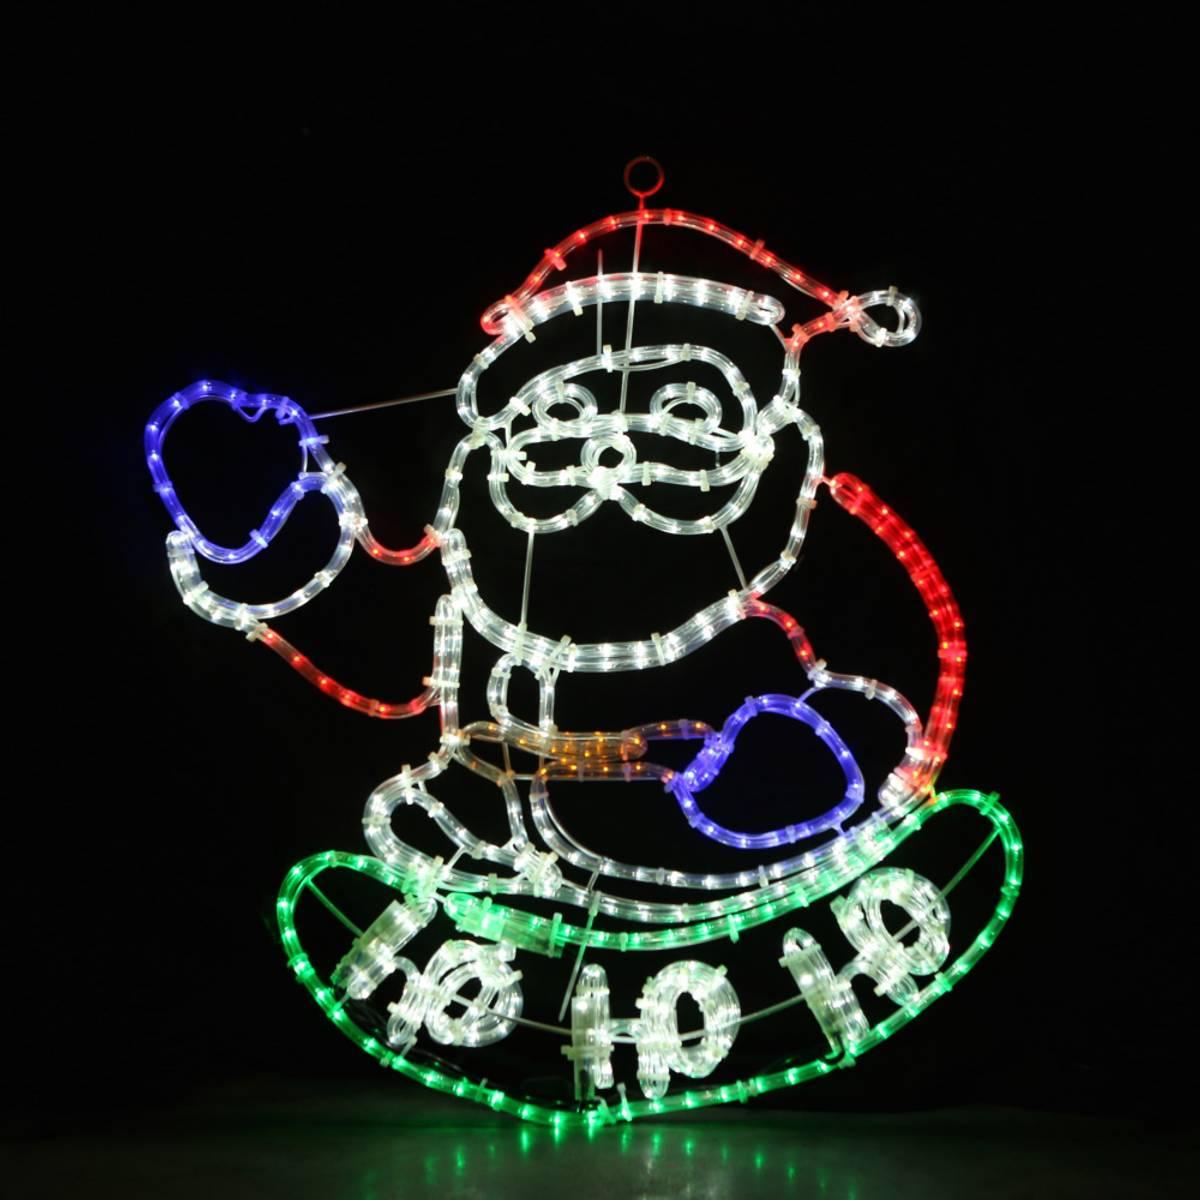 Julenisse m/lysmønster på hohoho 75x70 cm